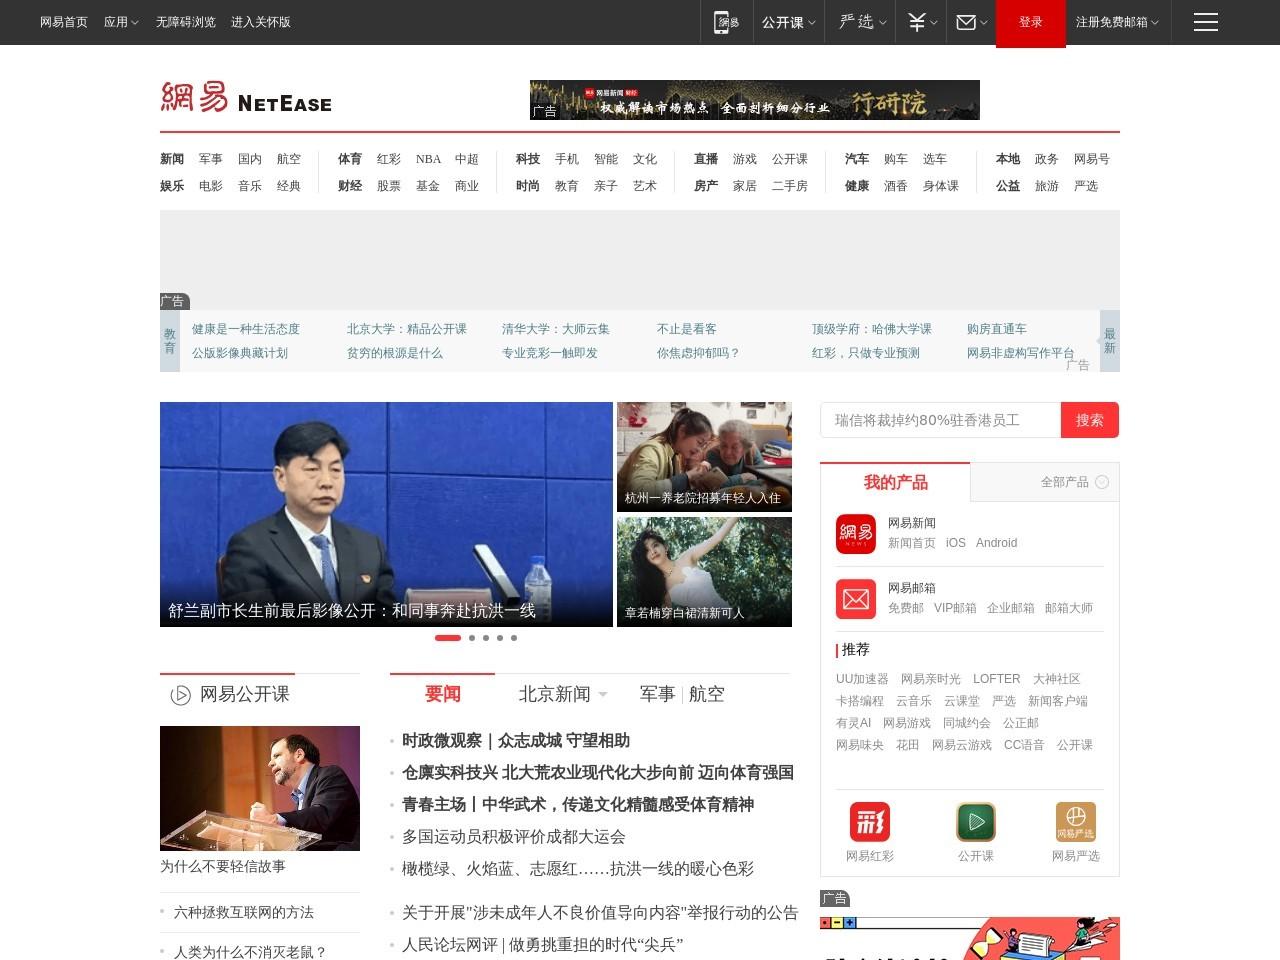 北京老街坊们好消息盼来了!第2批名单公布!150个小区~!|老旧小区|棚改|物业管理|住宅_网易订阅